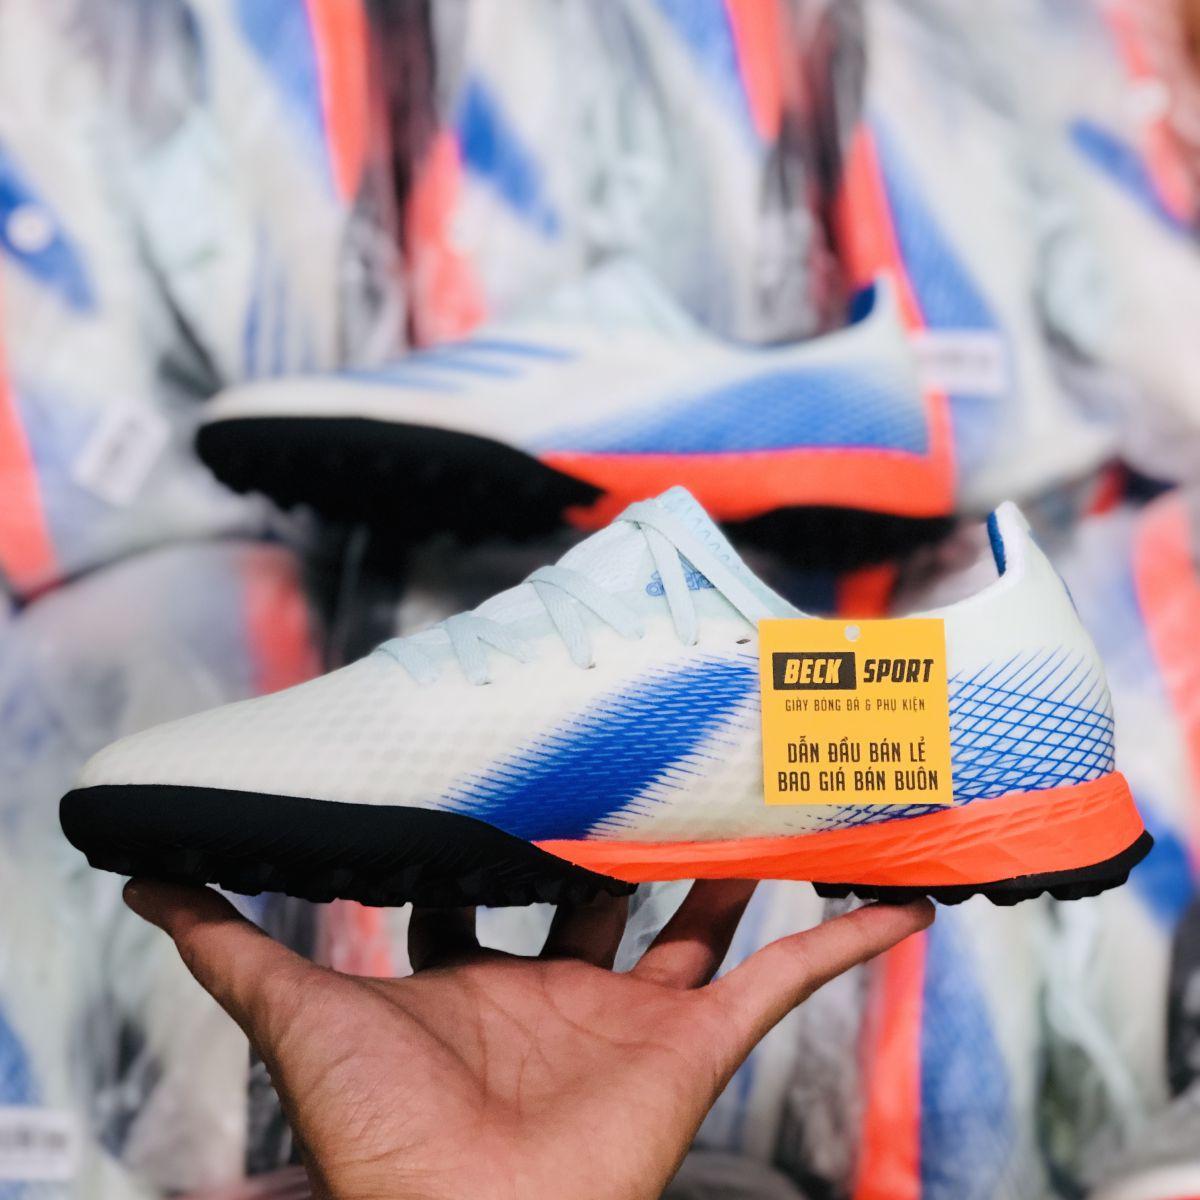 Giày Bóng Đá Adidas X Ghosted.3 Xanh Ngọc Đế Cam HQ TF